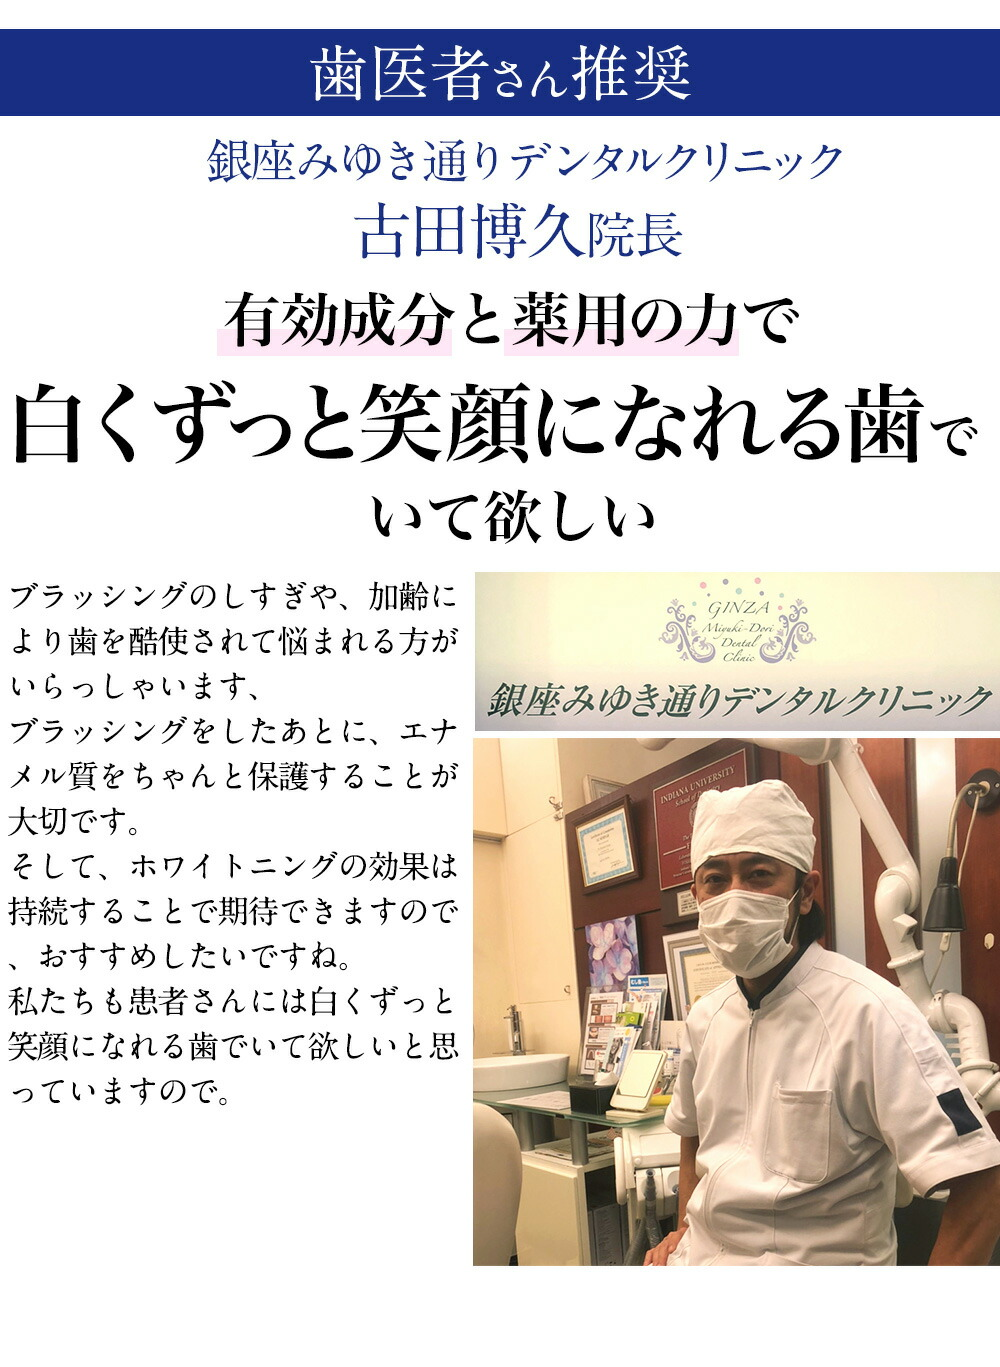 水素 歯医者 化 フッ